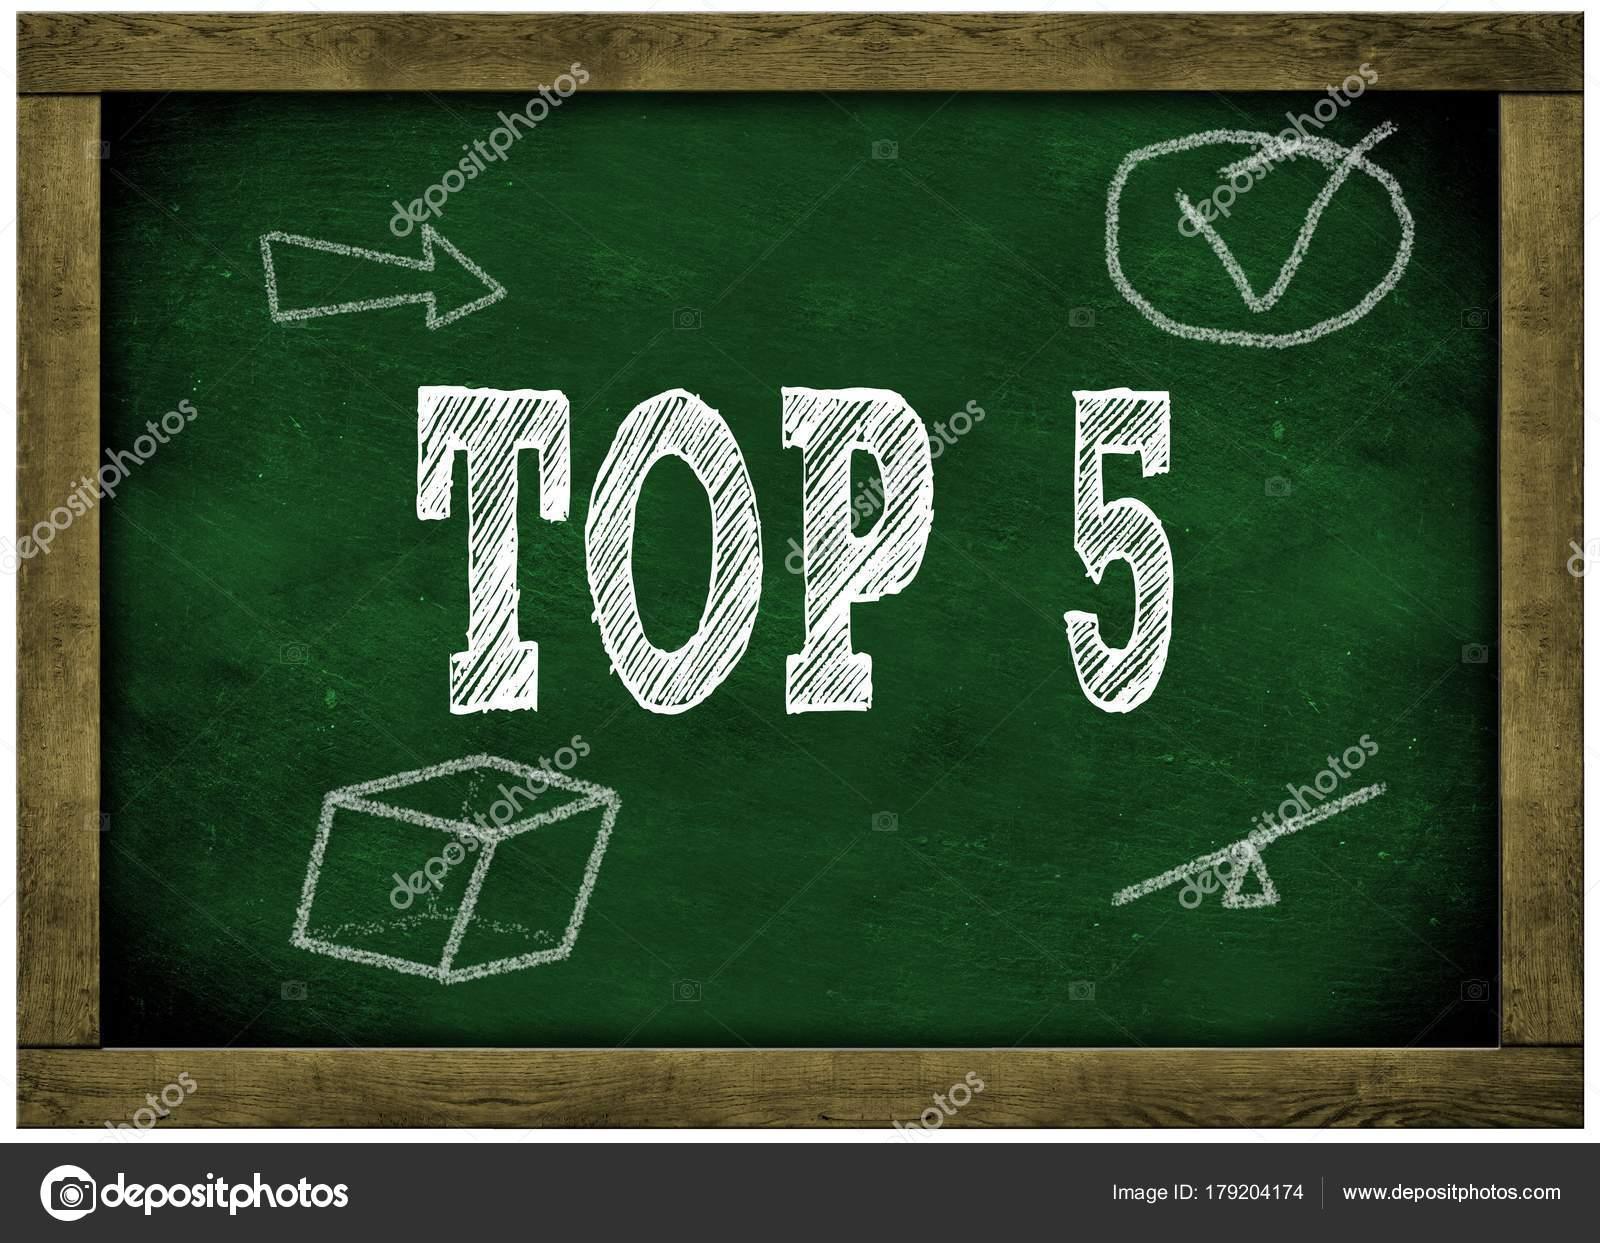 Pizarra marco madera verde con Top 5 mensaje manuscrito en tiza ...